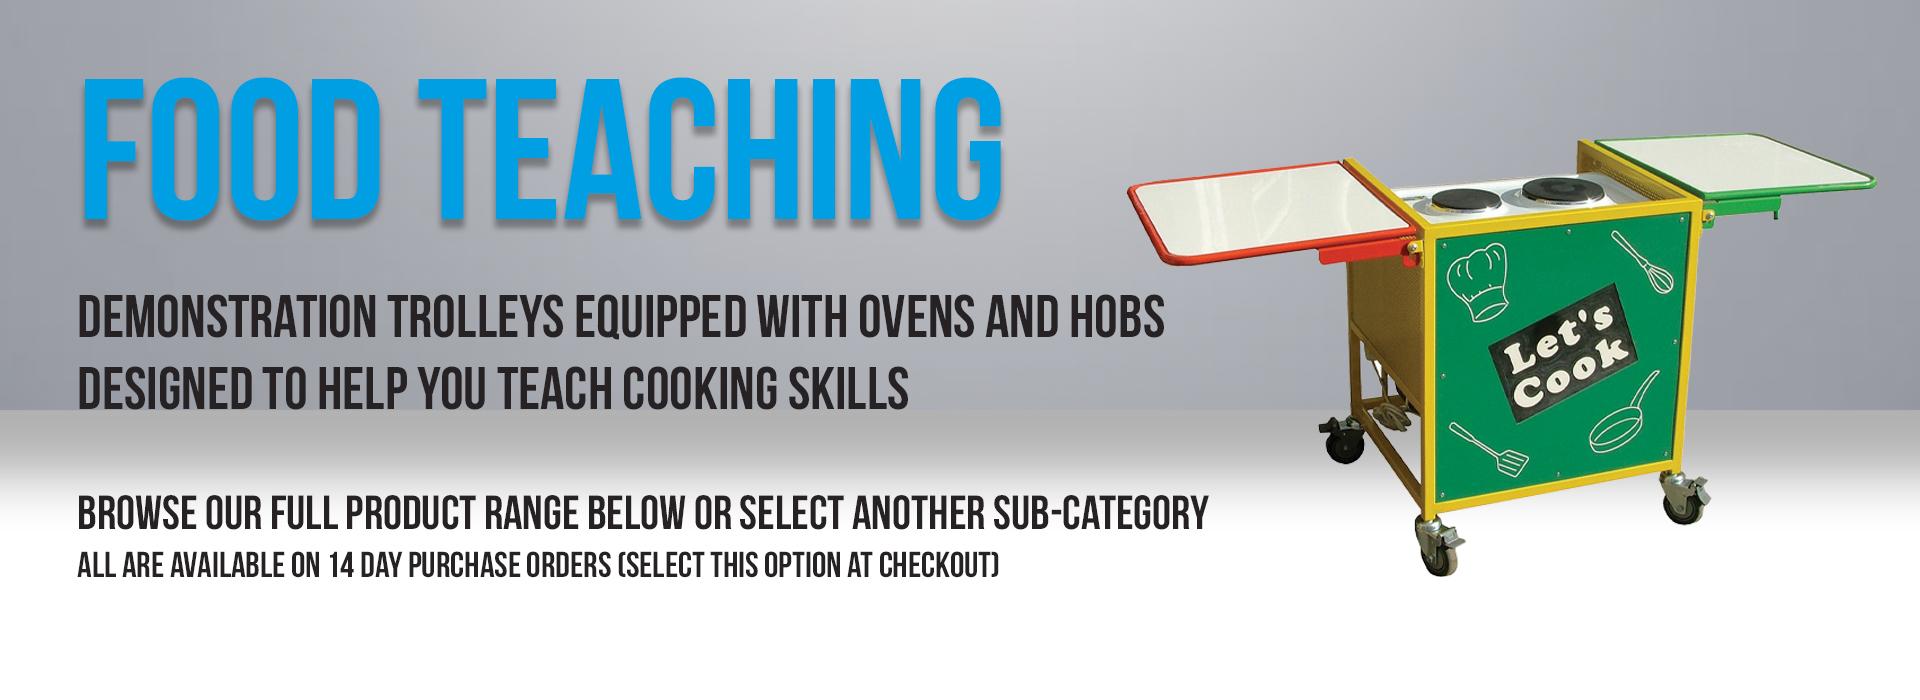 food-teaching-banner.jpg